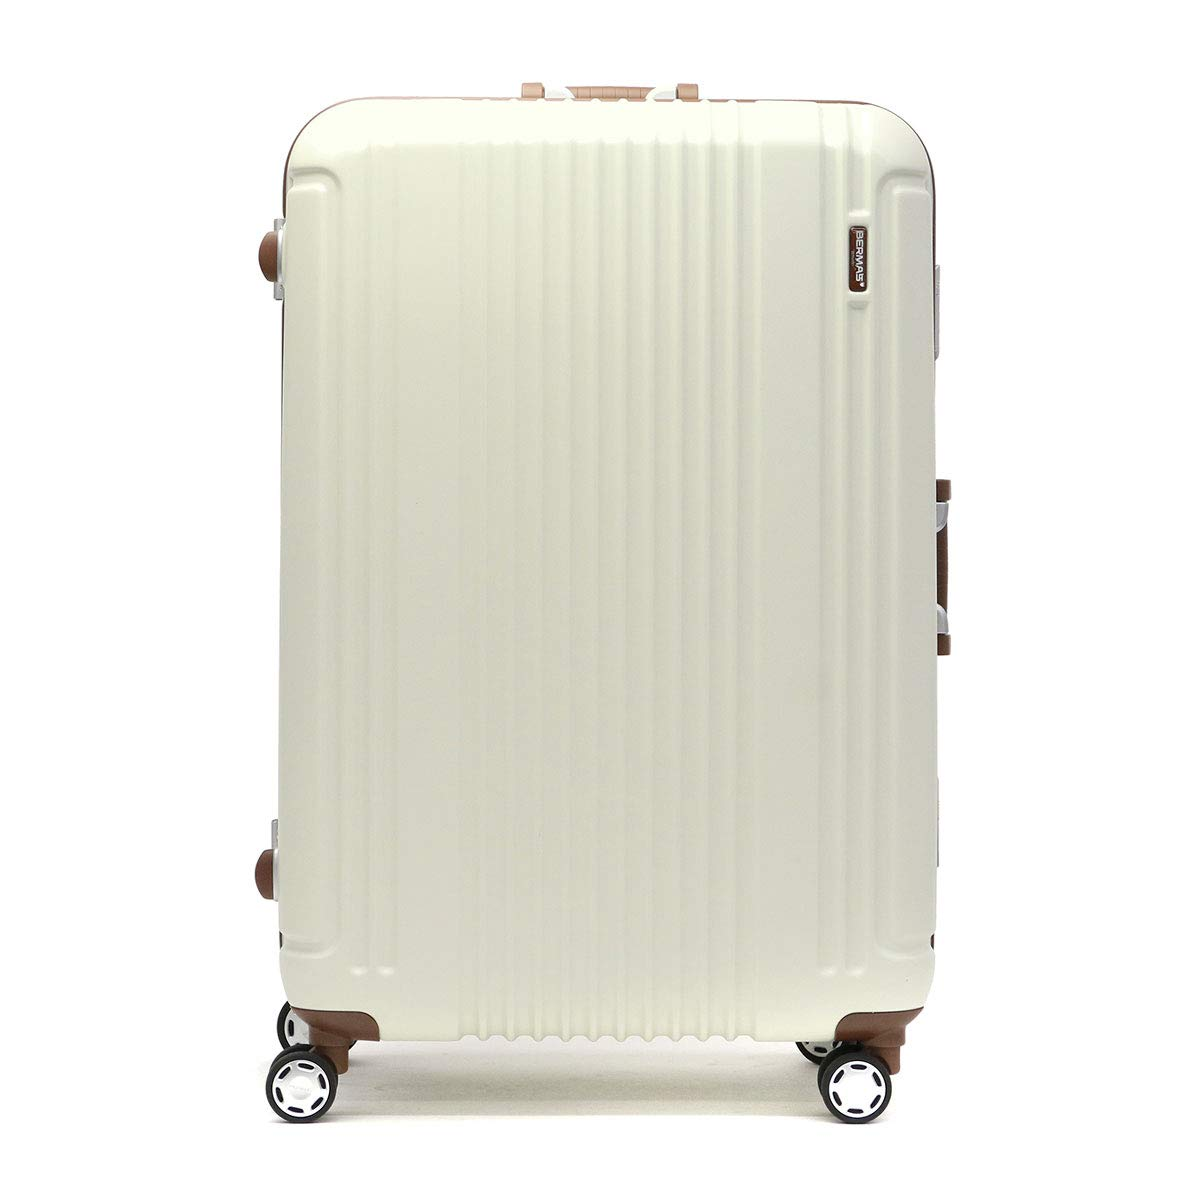 [バーマス]BERMAS プレステージ2 PRESTIGE2 スーツケース 83L 60269 エクリュ/25 B07M7M7F82